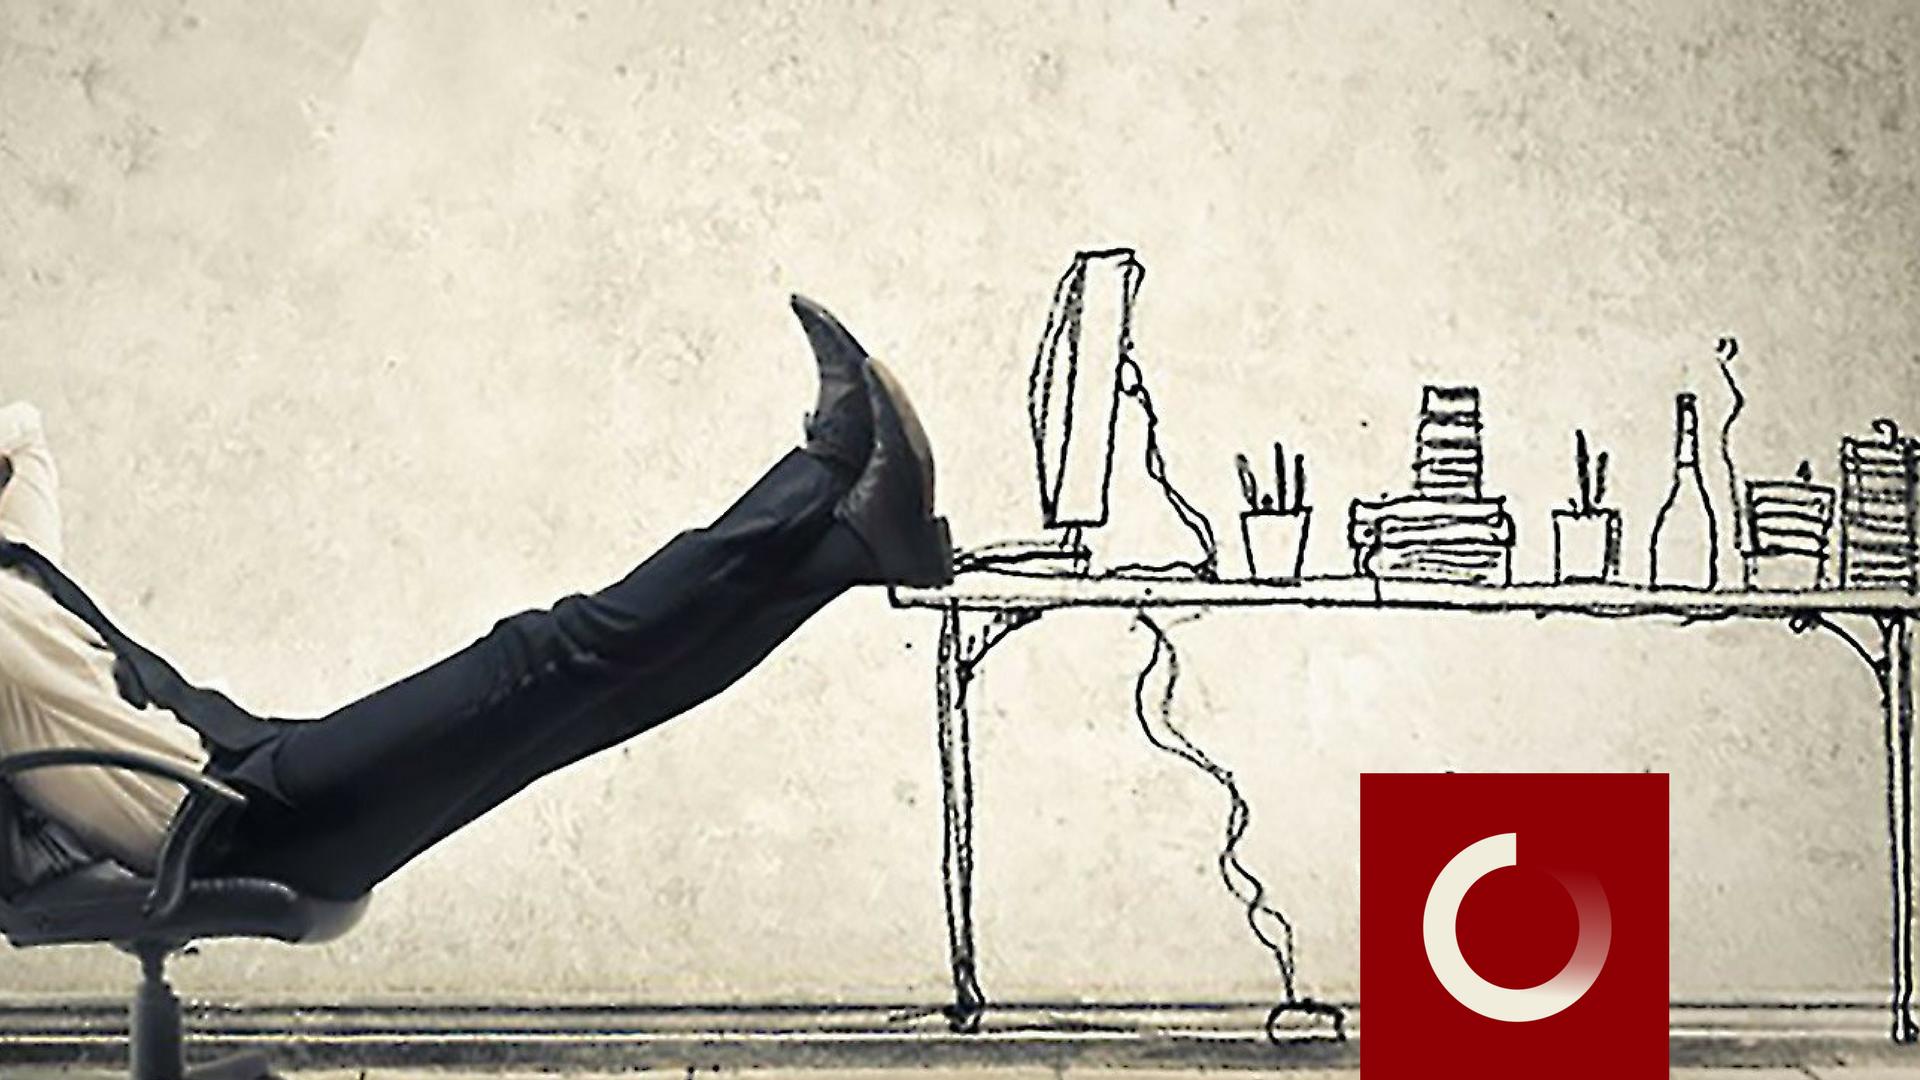 Cum să îți iei o zi liberă fără să te simți vinovat – special pentru antreprenori!